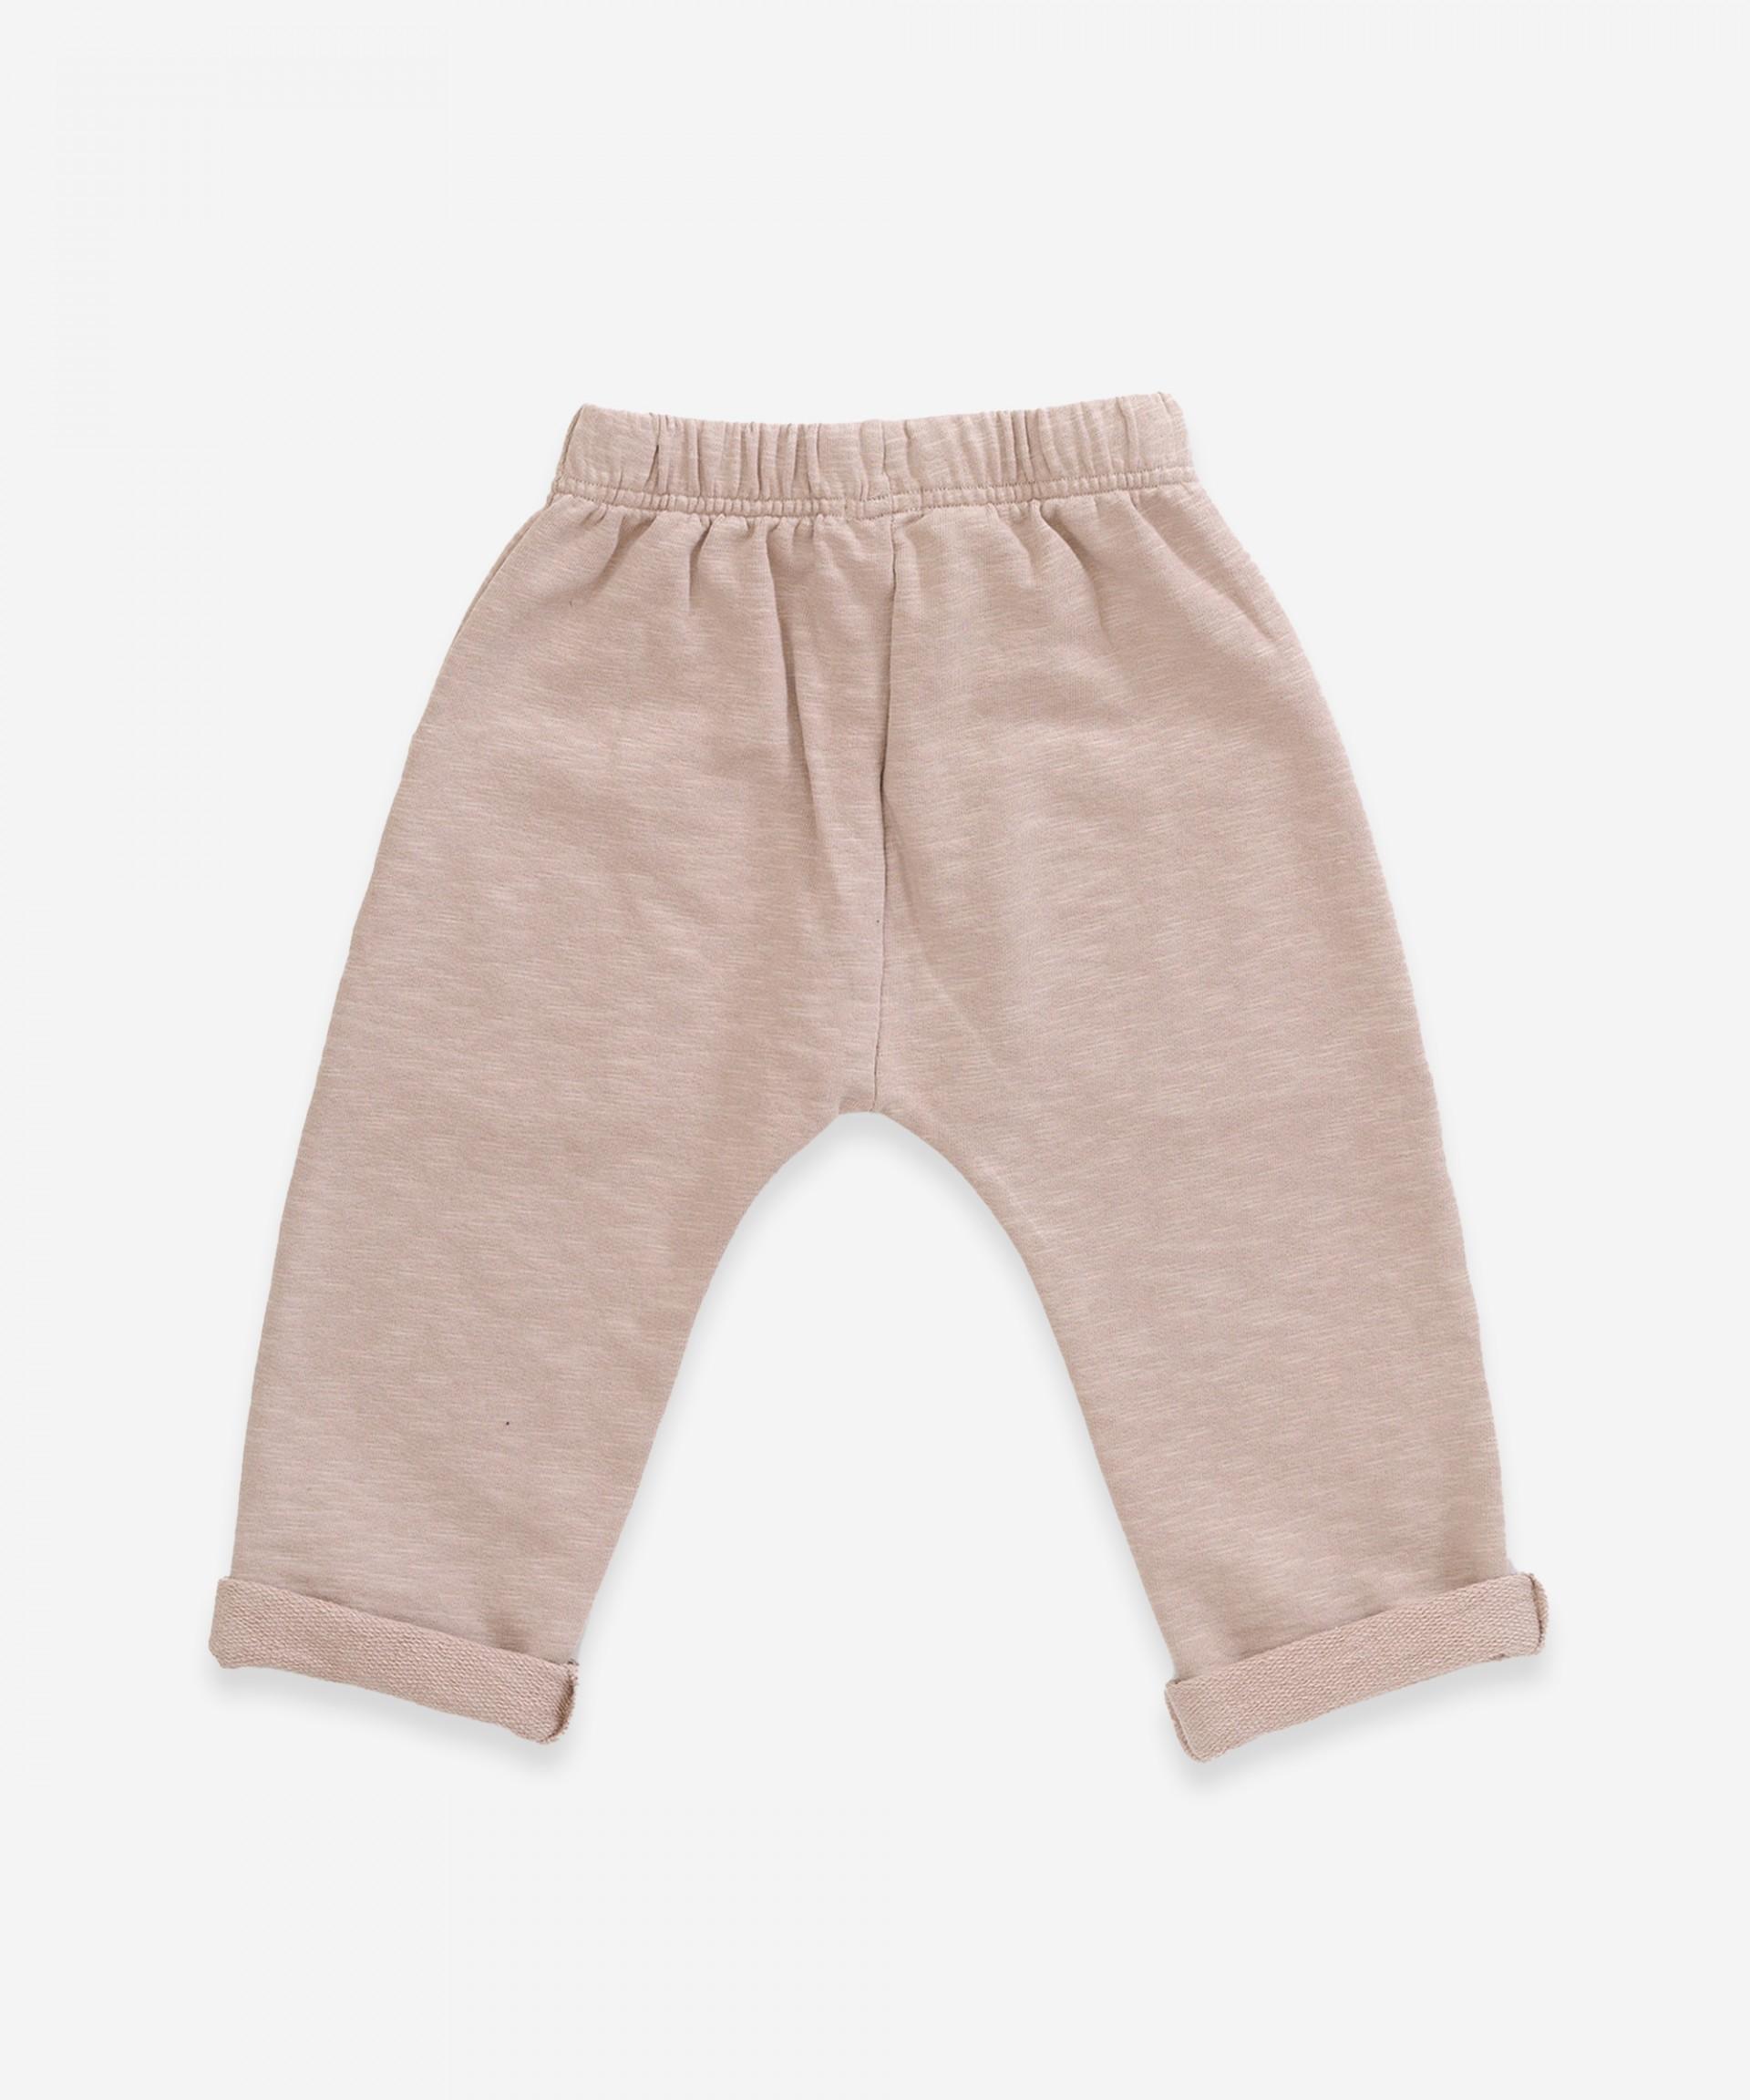 Pantaloni in cotone biologico con tasche | Weaving